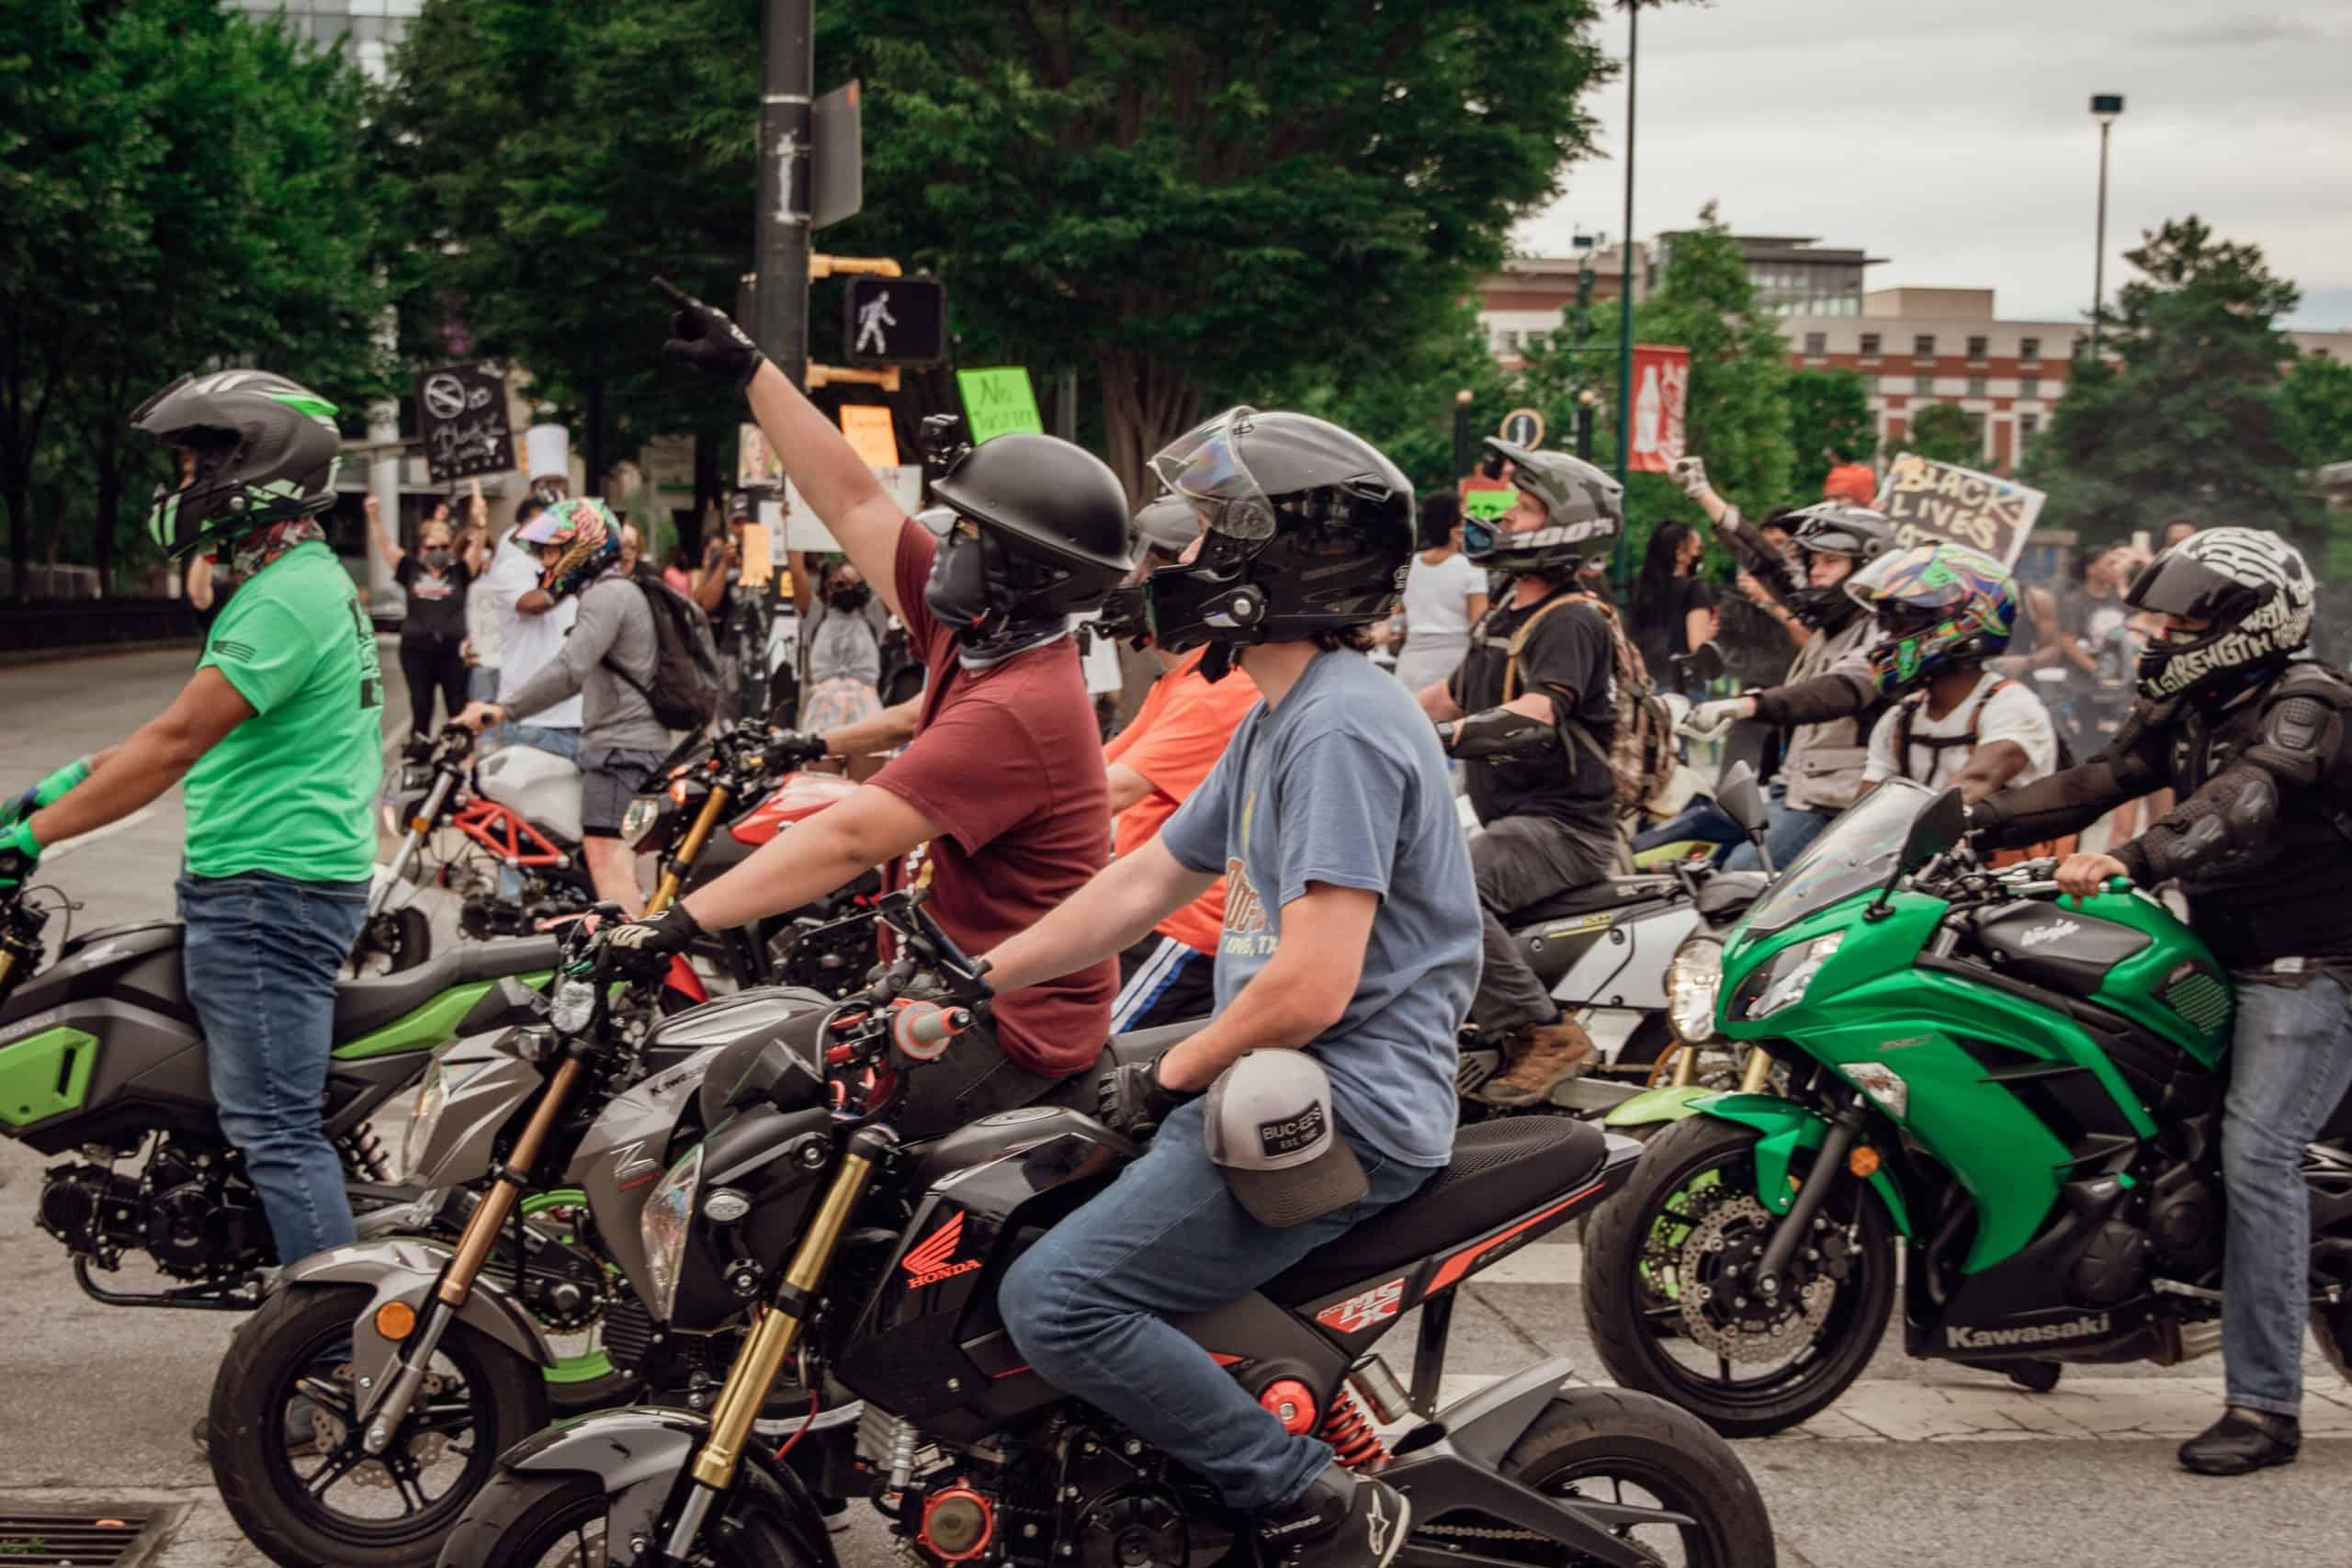 Hiszpański rząd zmieni prawo dotyczące motocykli o pojemności 125 cm3?